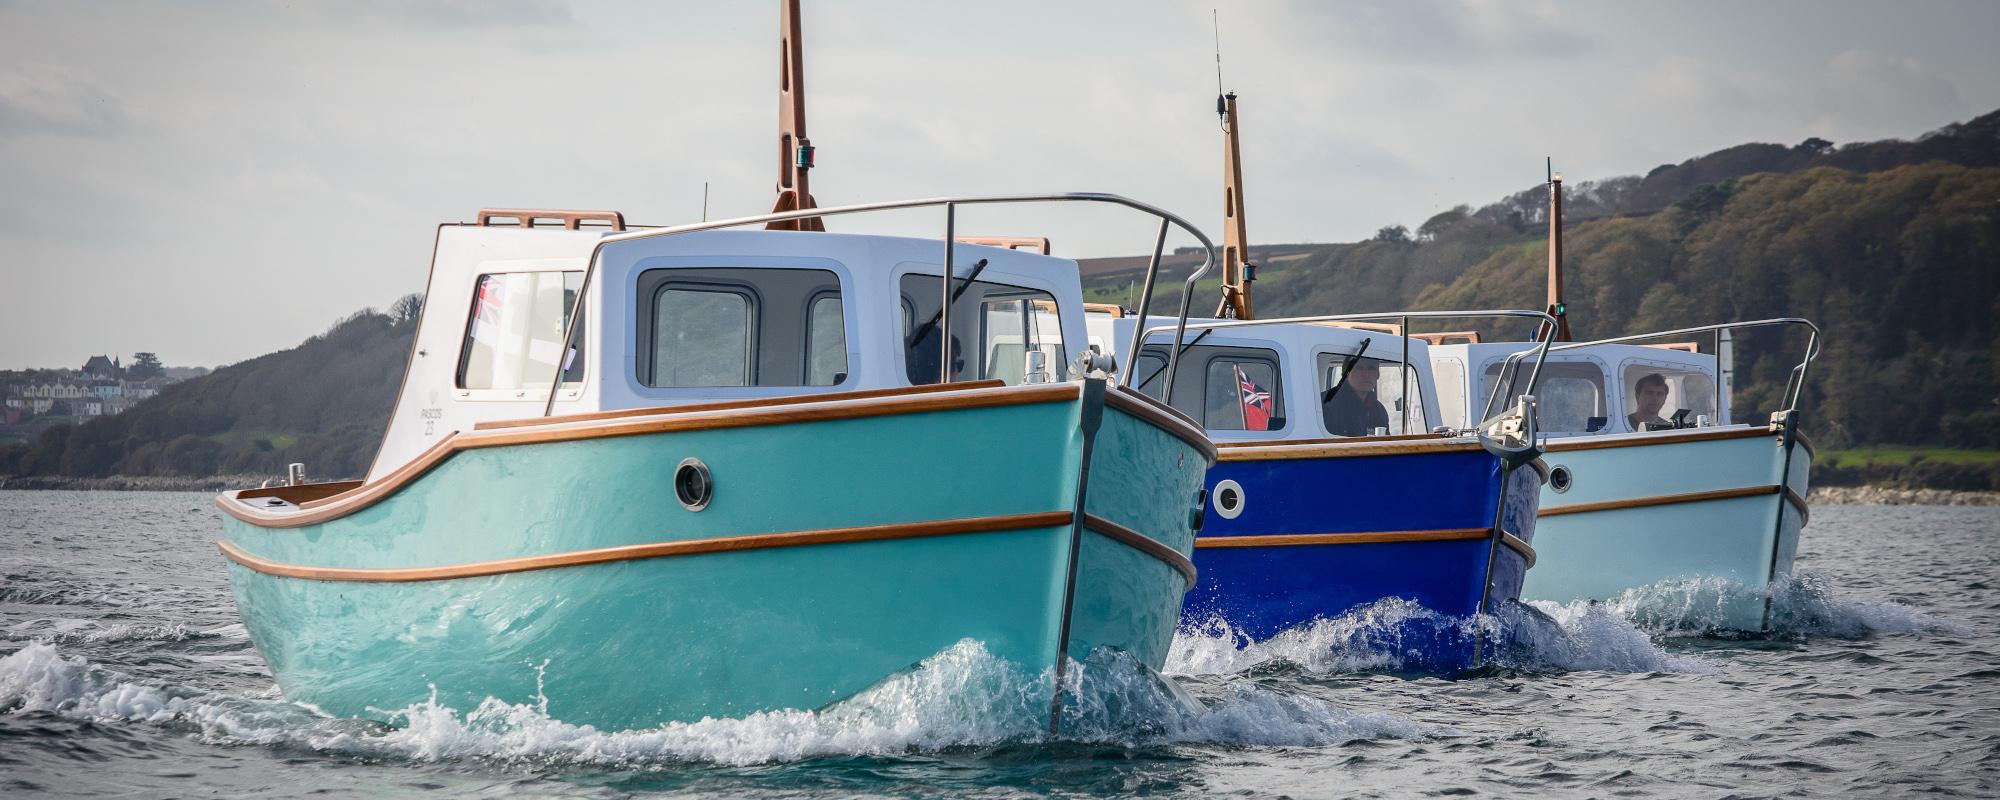 BOAT BUILDING :: Pasco's Boatyard Ltd